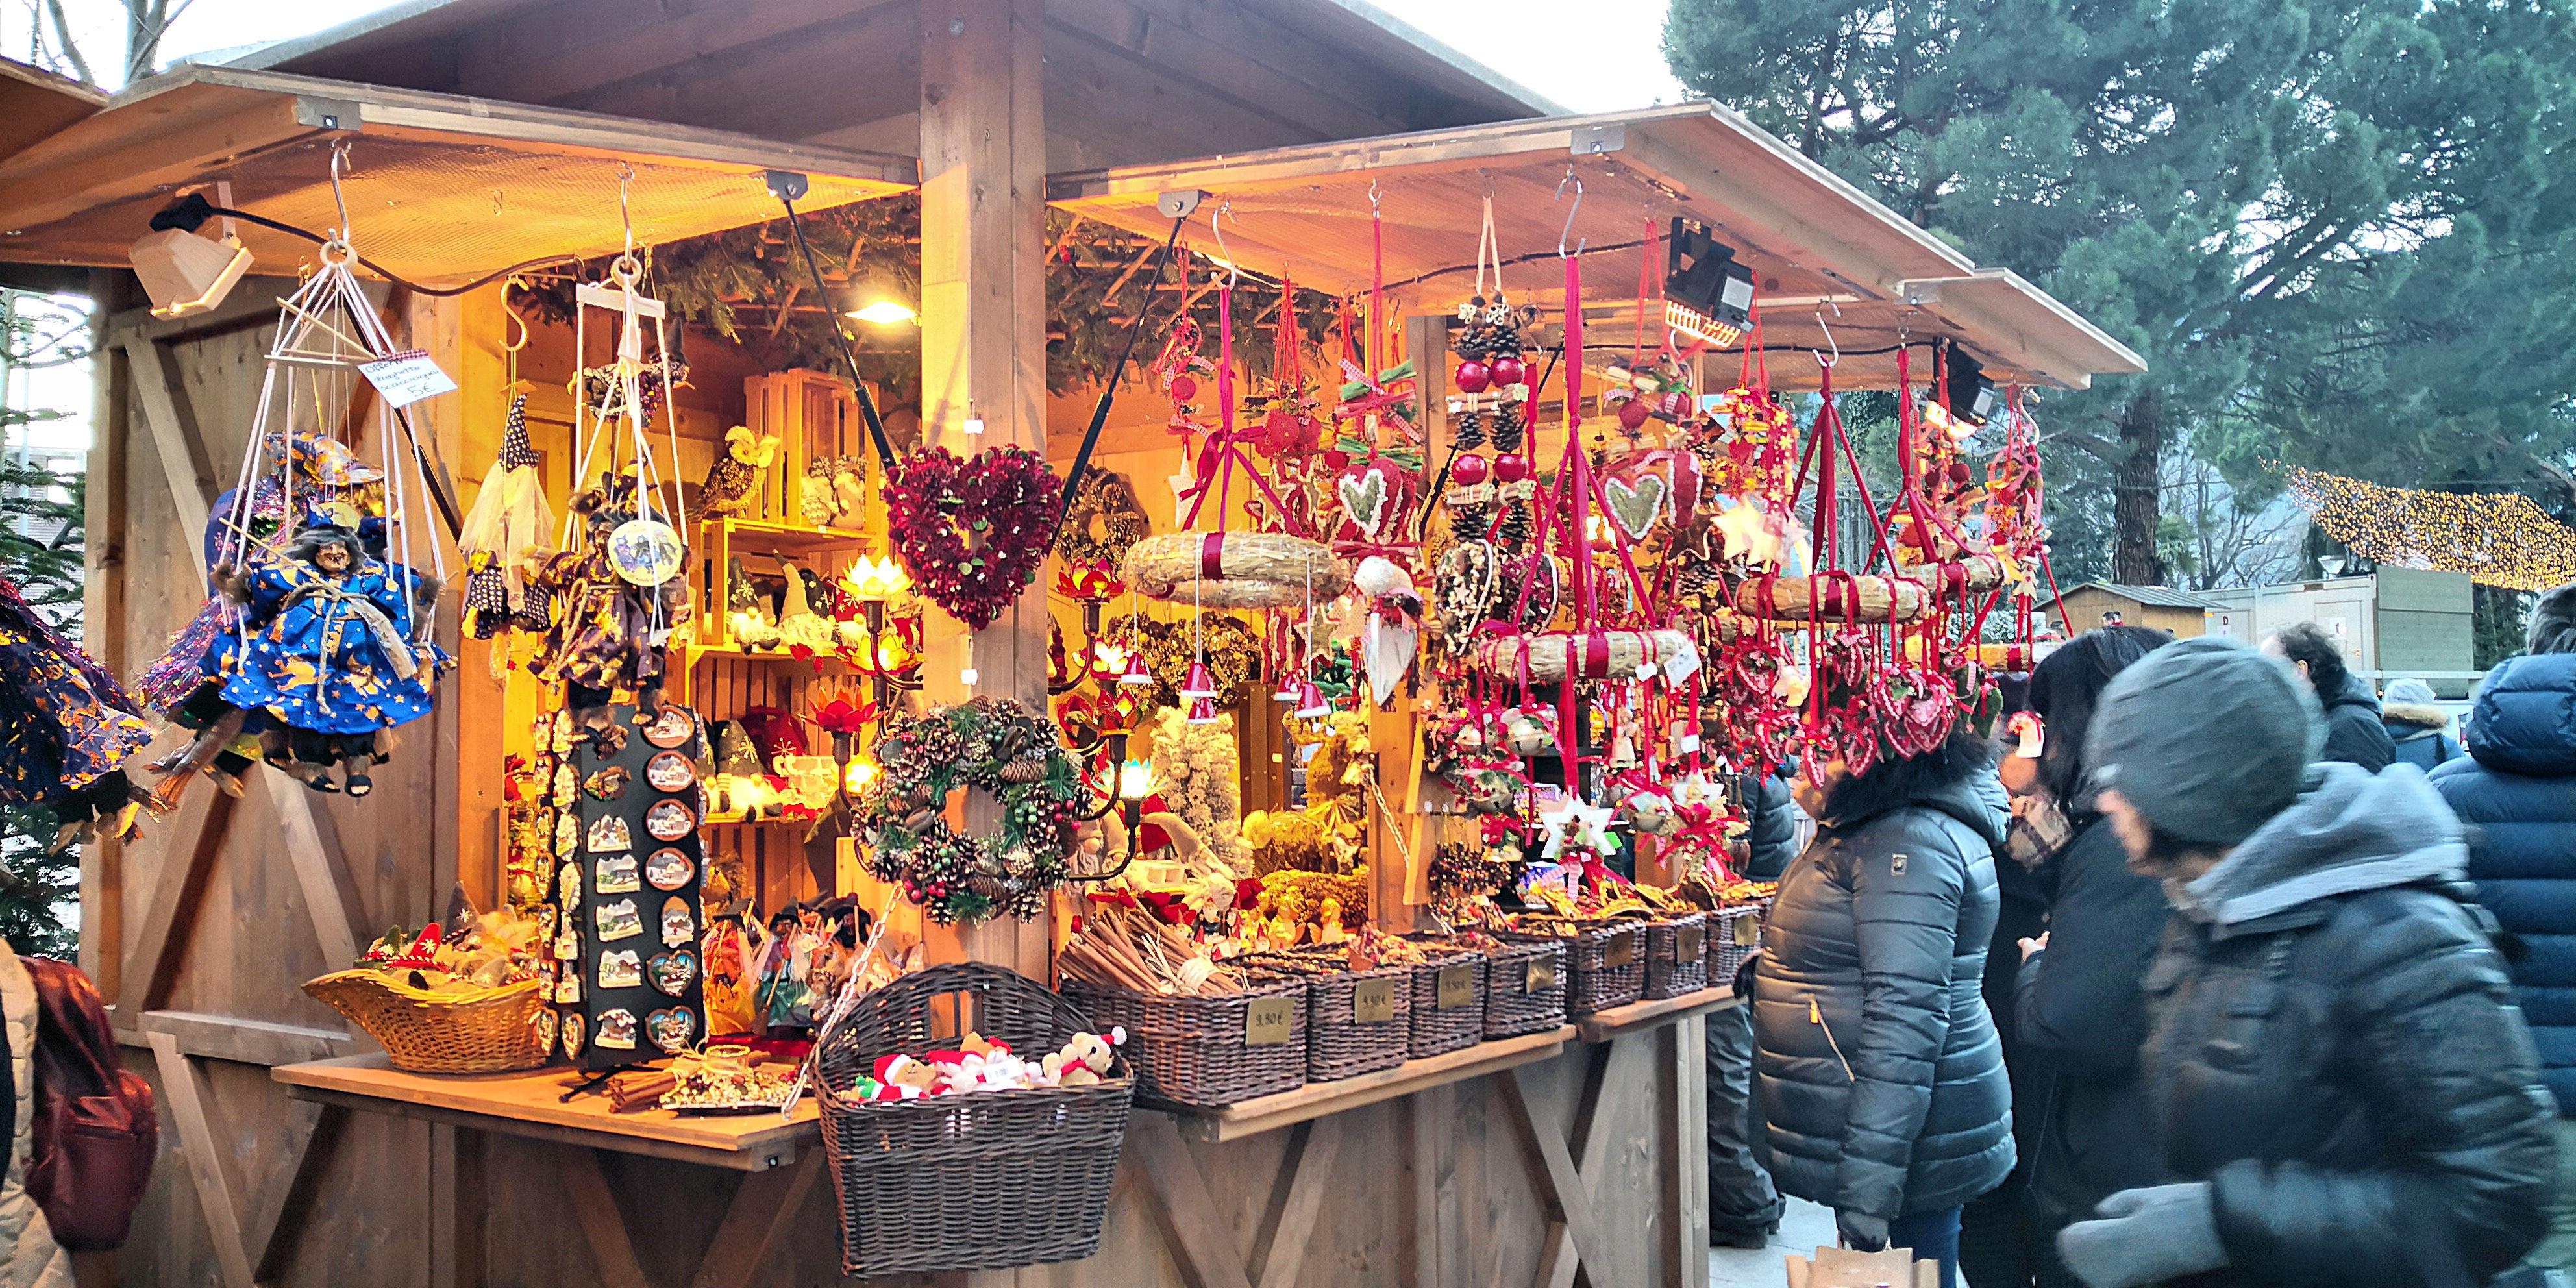 Mercatini di Natale a Merano - Casetta